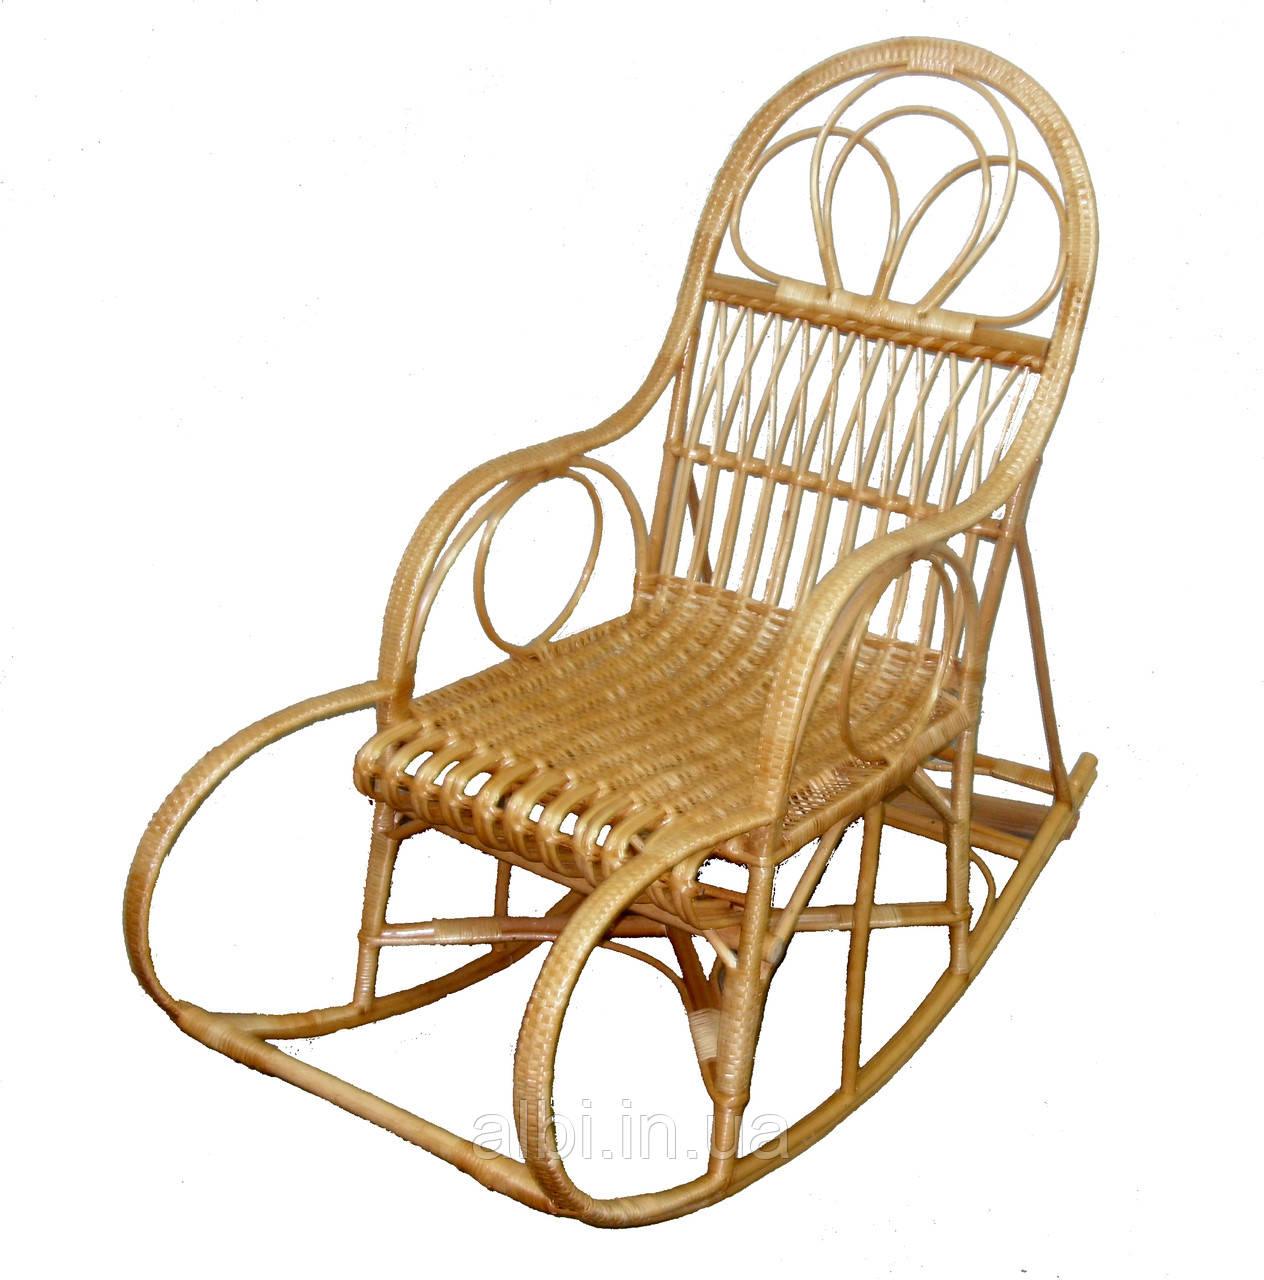 Кресло качалка лозовое плетенное с подставкой для ног  Барин № 7